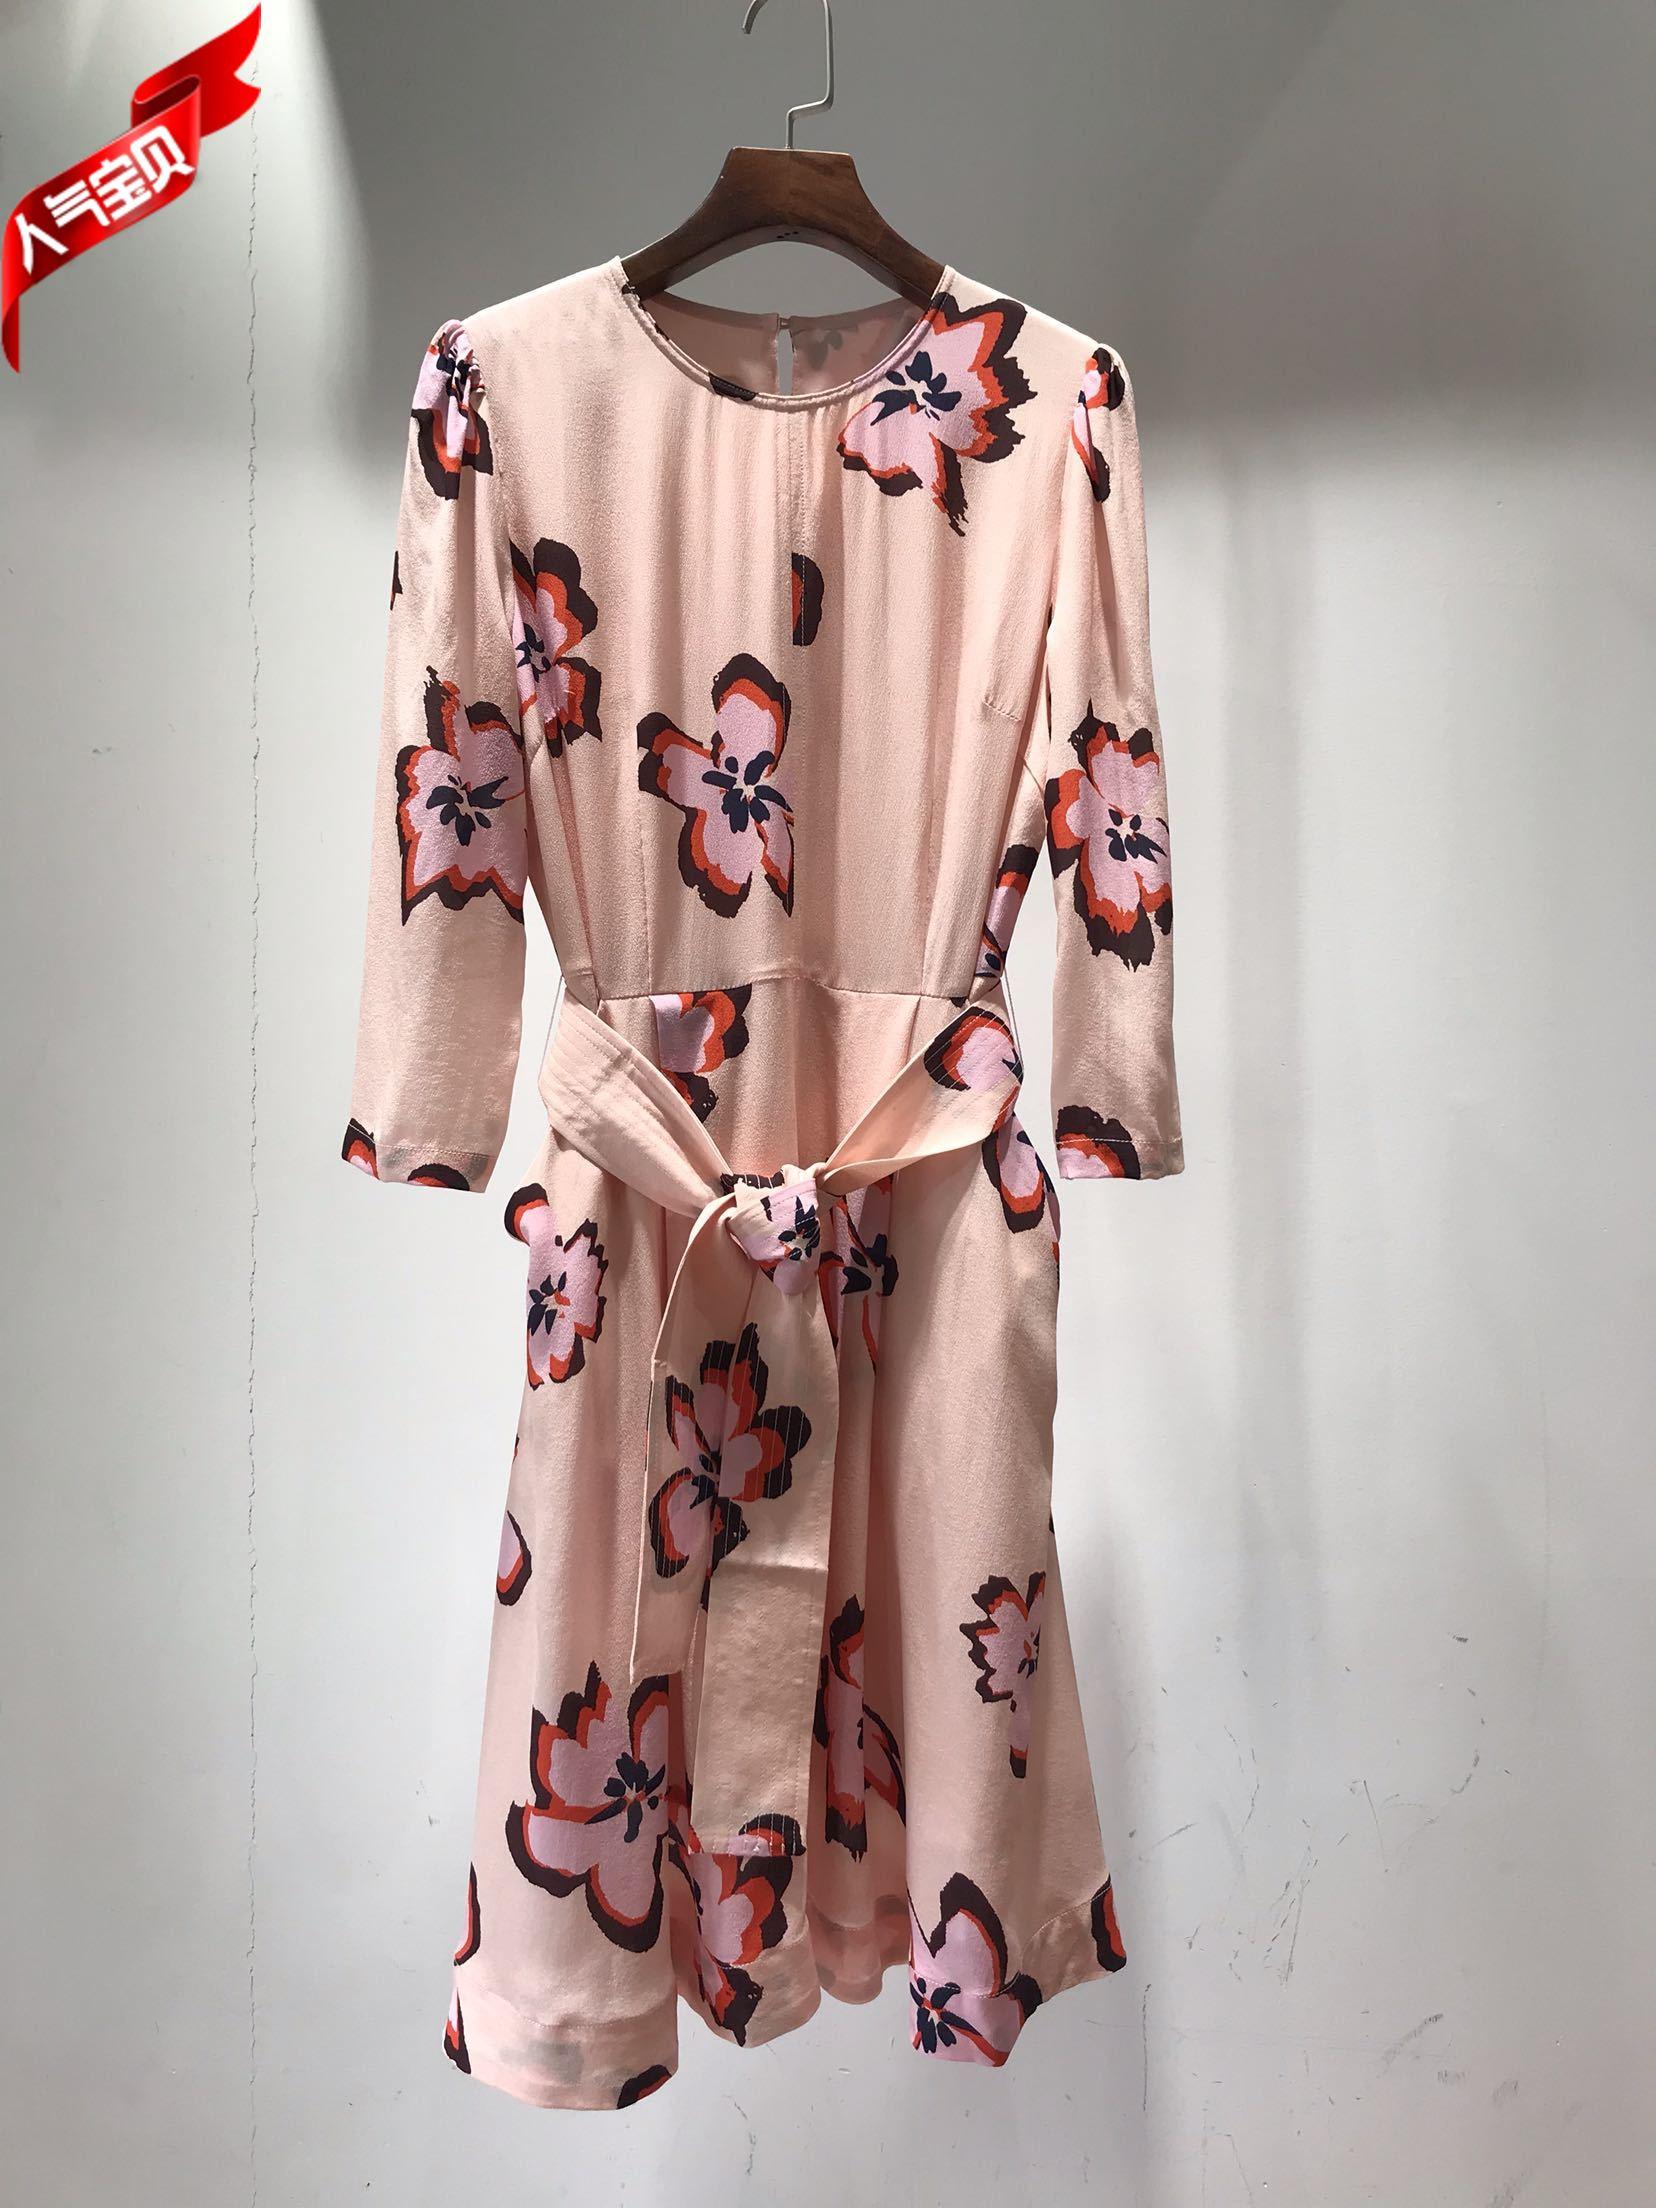 女士真丝连衣裙 20早春新品时尚女装深兰色粉色花卉印花配腰带八分袖真丝连衣裙_推荐淘宝好看的真丝连衣裙